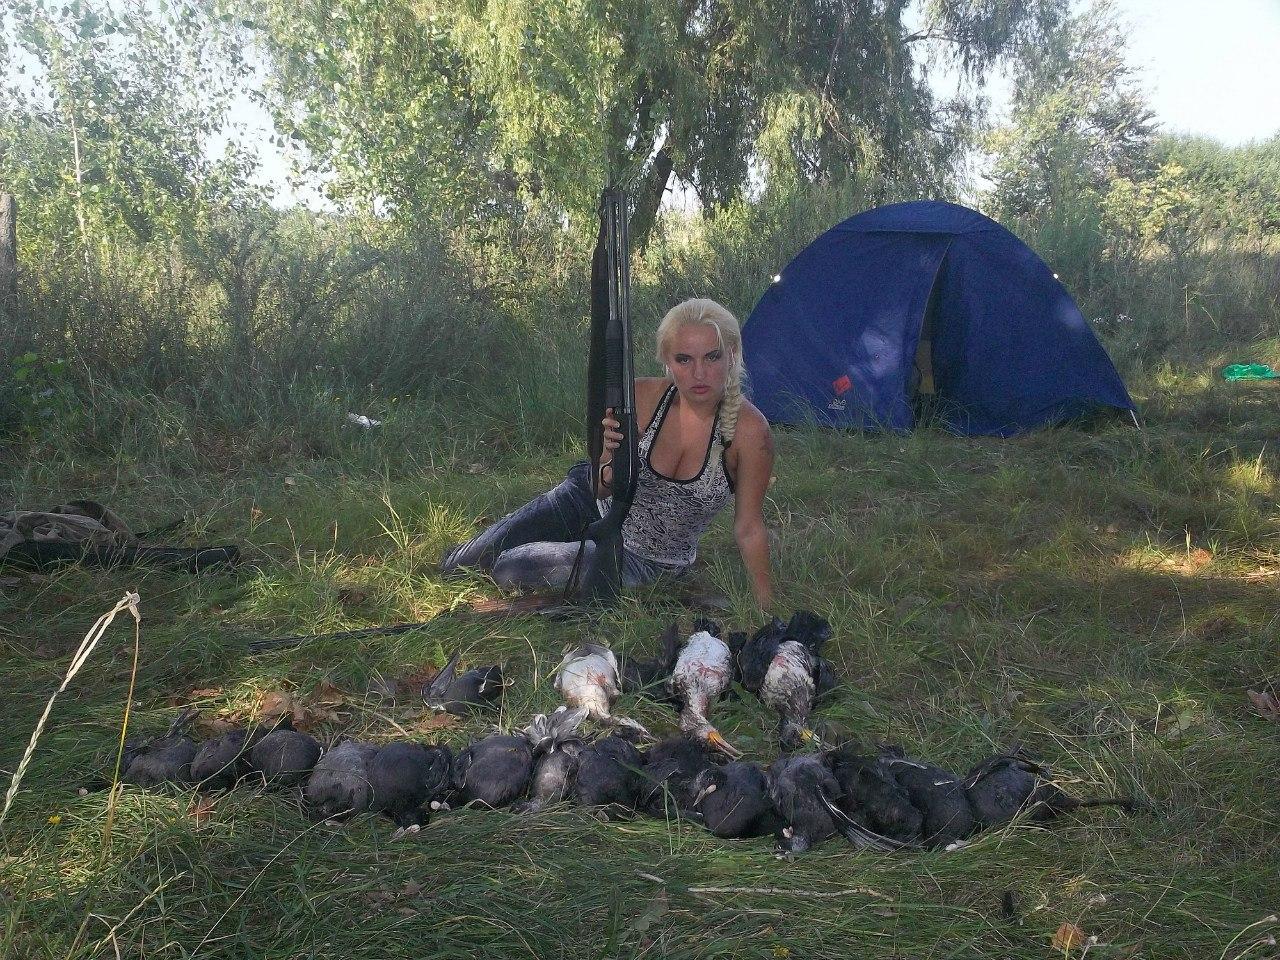 Елена Руденко. Мои путешествия (фото/видео) - Страница 1 DhpXkKZyLZ8